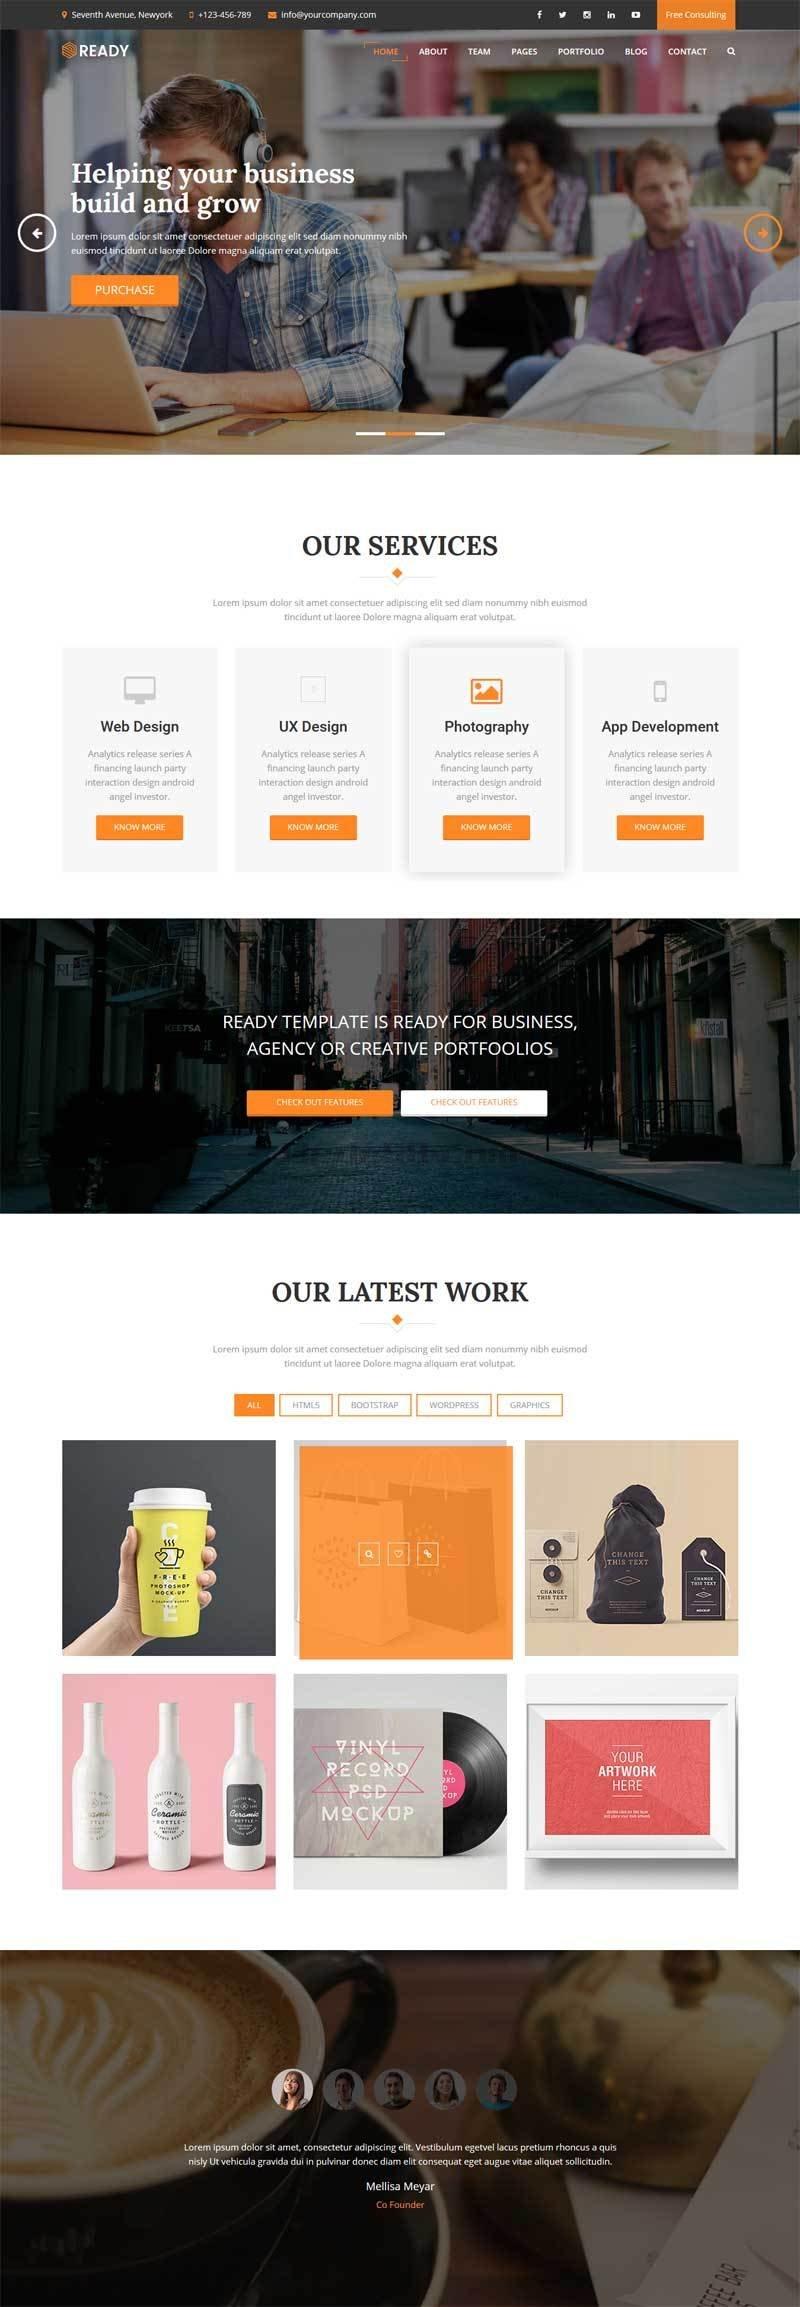 黑色大气的平面包装设计公司网站模板html整站